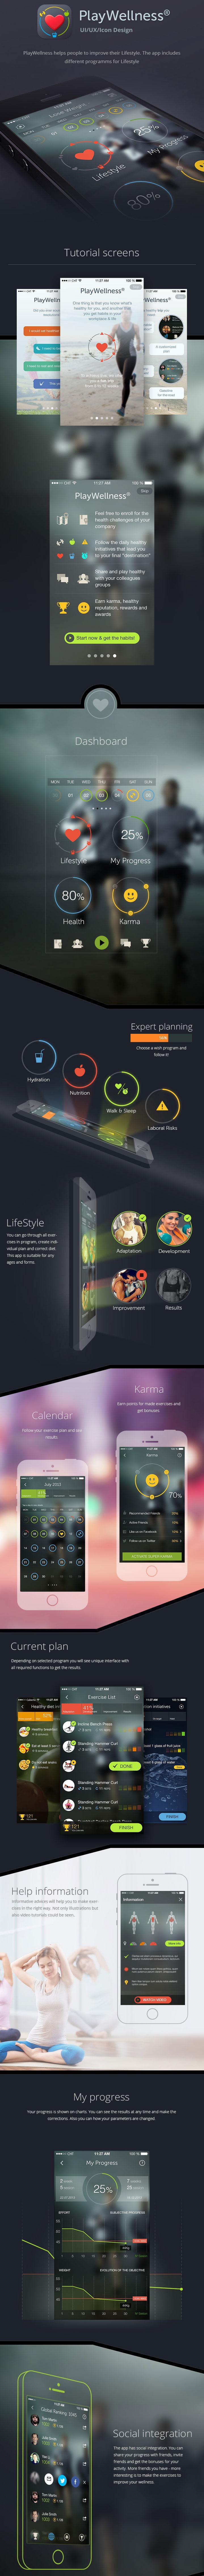 Daily Mobile UI Design Inspiration #356